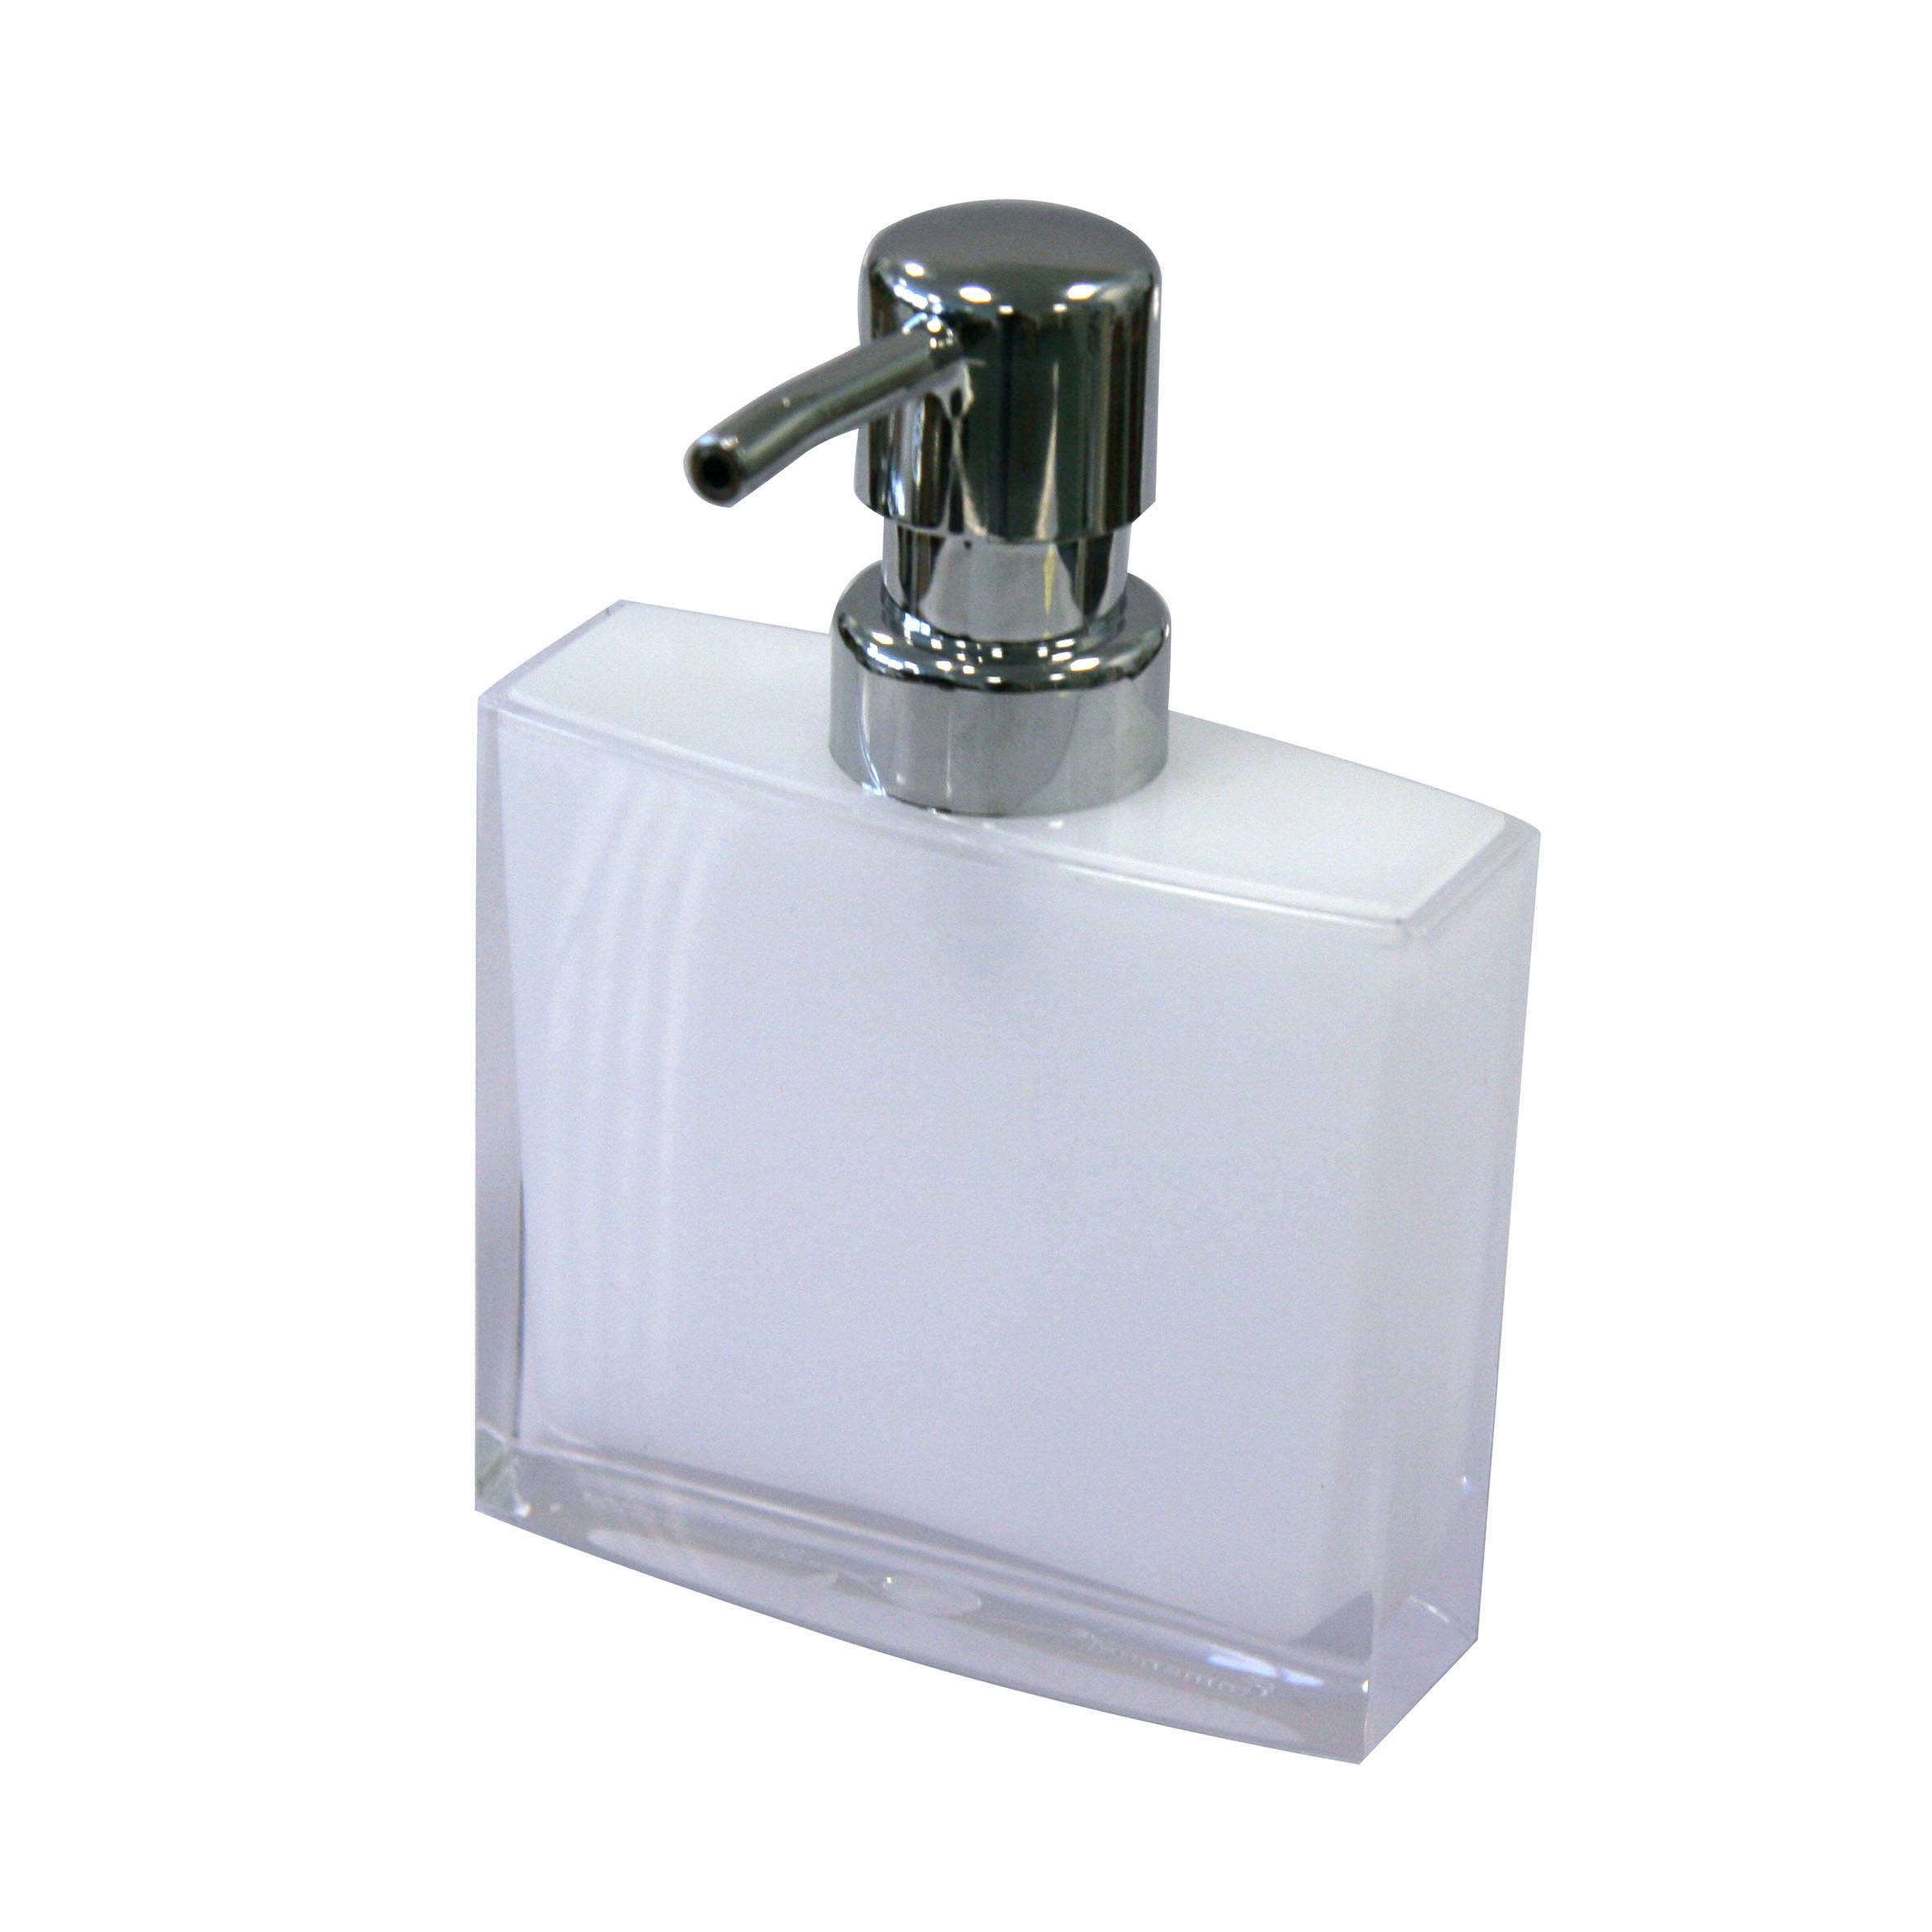 Дозатор для жидкого мыла Axentia Priamos282322Дозатор для жидкого мыла Axentia Priamos изготовлен из высококачественного акрила. Акрил - это долговечный, прочный и легкий в уходе материал. Изделие прекрасно дополнит интерьер вашей ванной комнаты или кухни. Высота дозатора: 15 см.